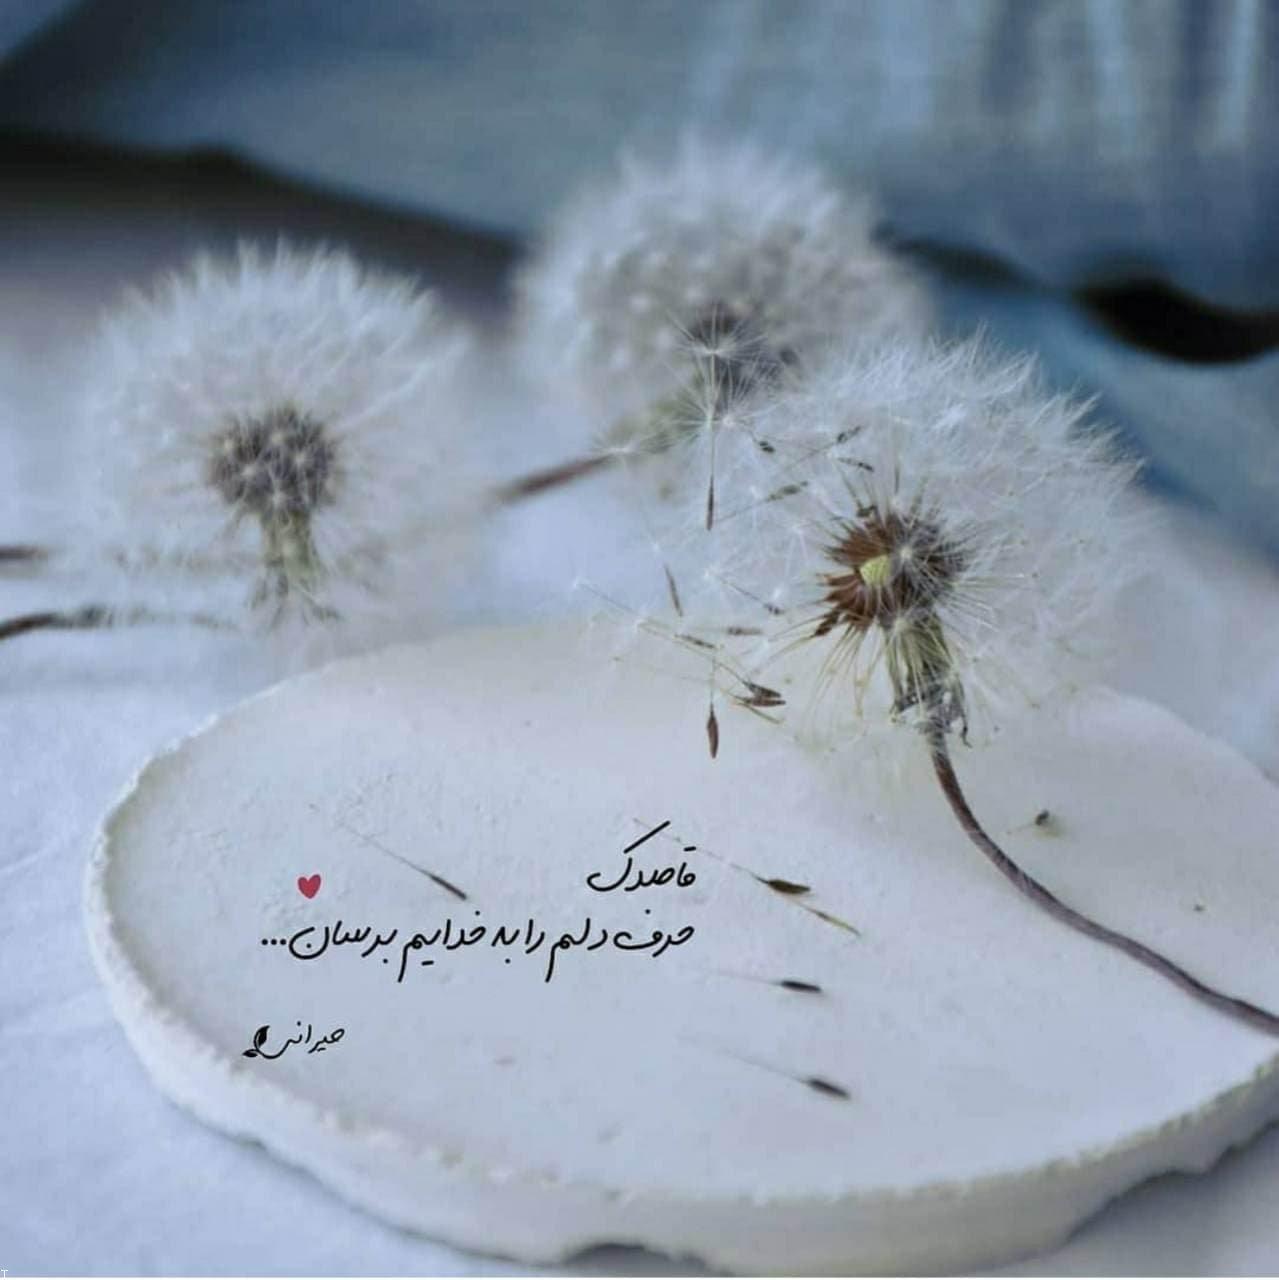 عکس پروفایل با نوشته های عاشقانه و مفهومی زیبا (۲۸)